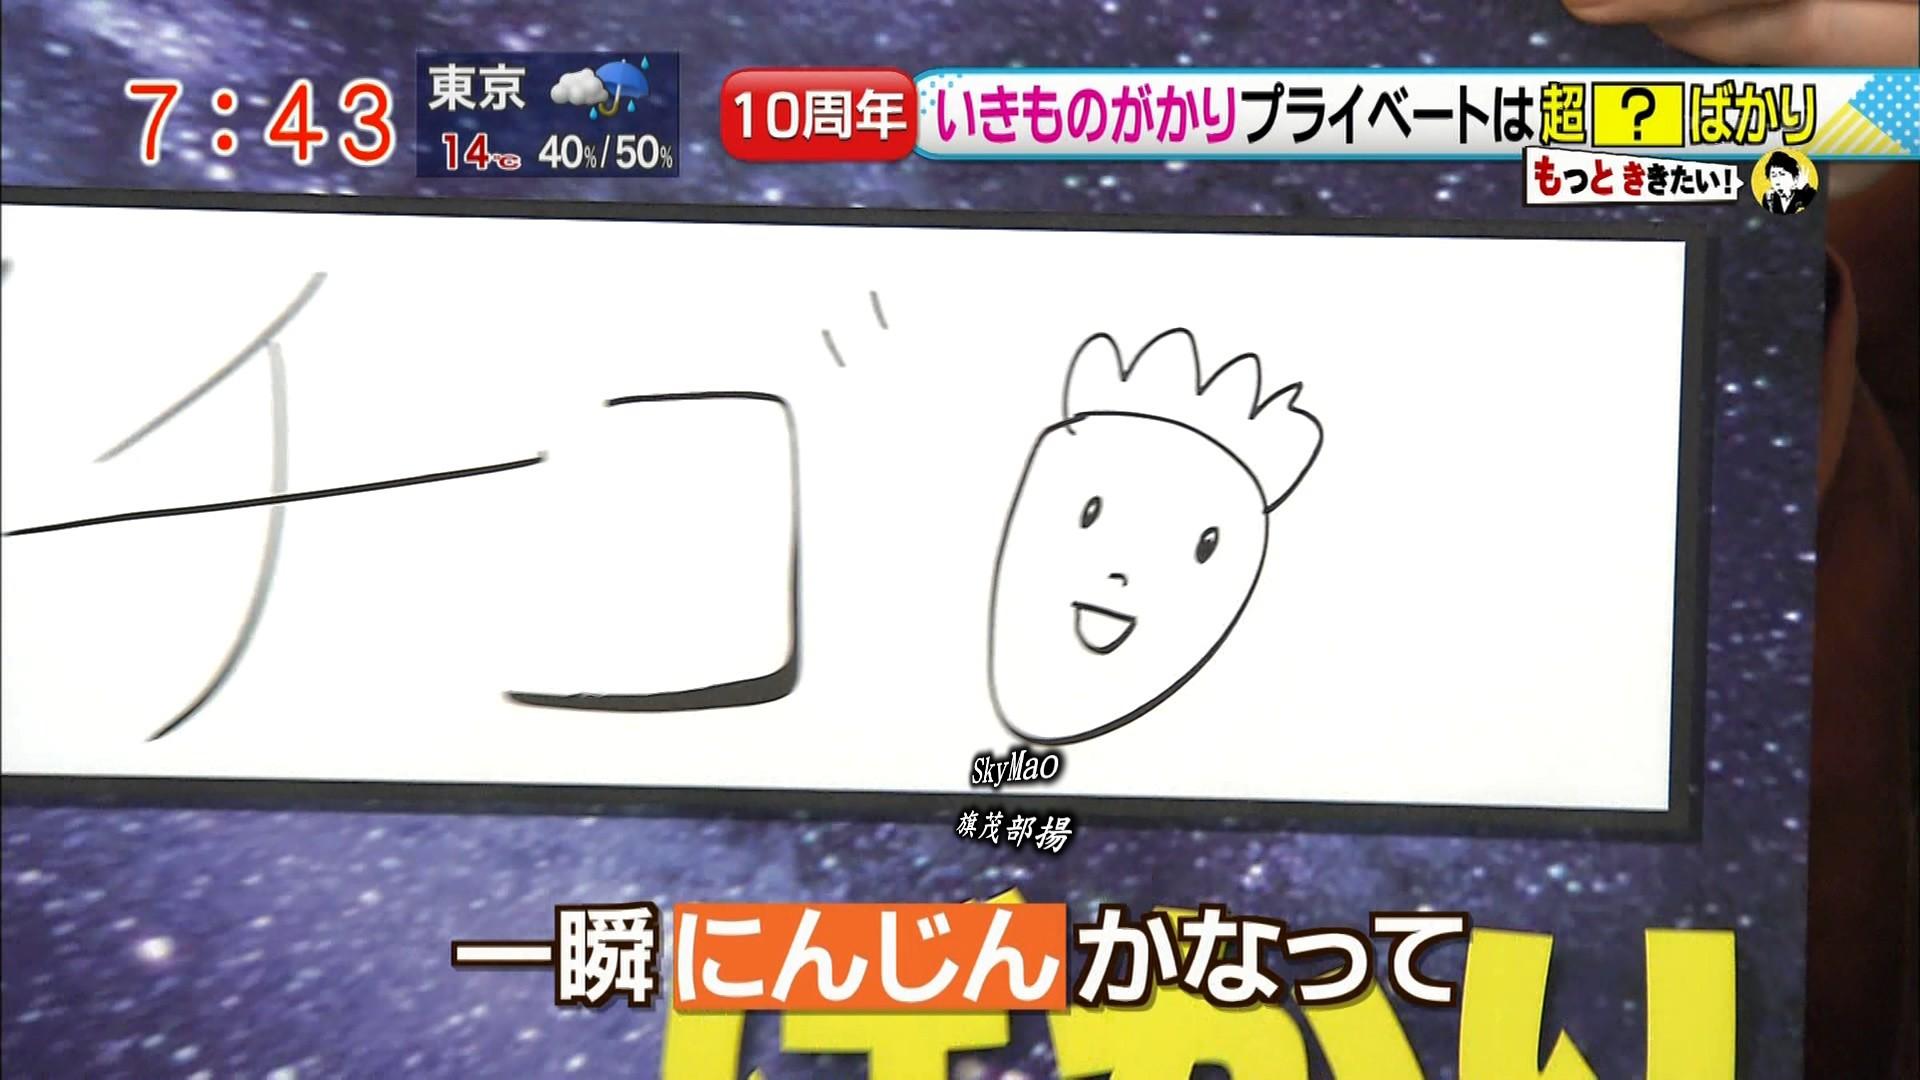 2016.03.28 いきものがかり(ドデスカ!).ts_20160328_141538.573